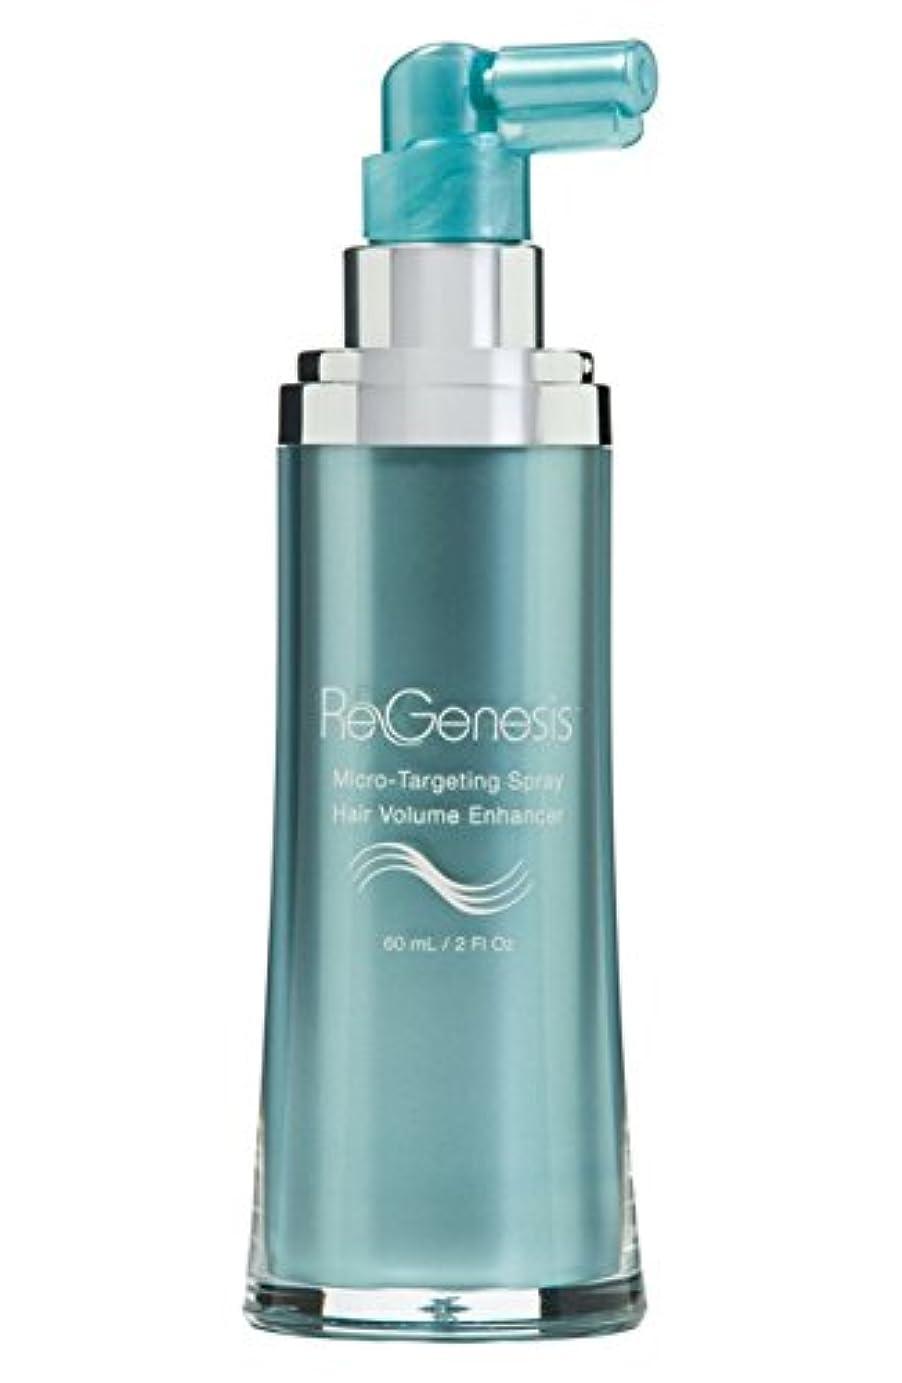 修正雑多な持続的リバイタラッシュの新しいブランド REGENESISリジェネシス Micro-Targeting Spray Hair Volume Enhancer [並行輸入品]